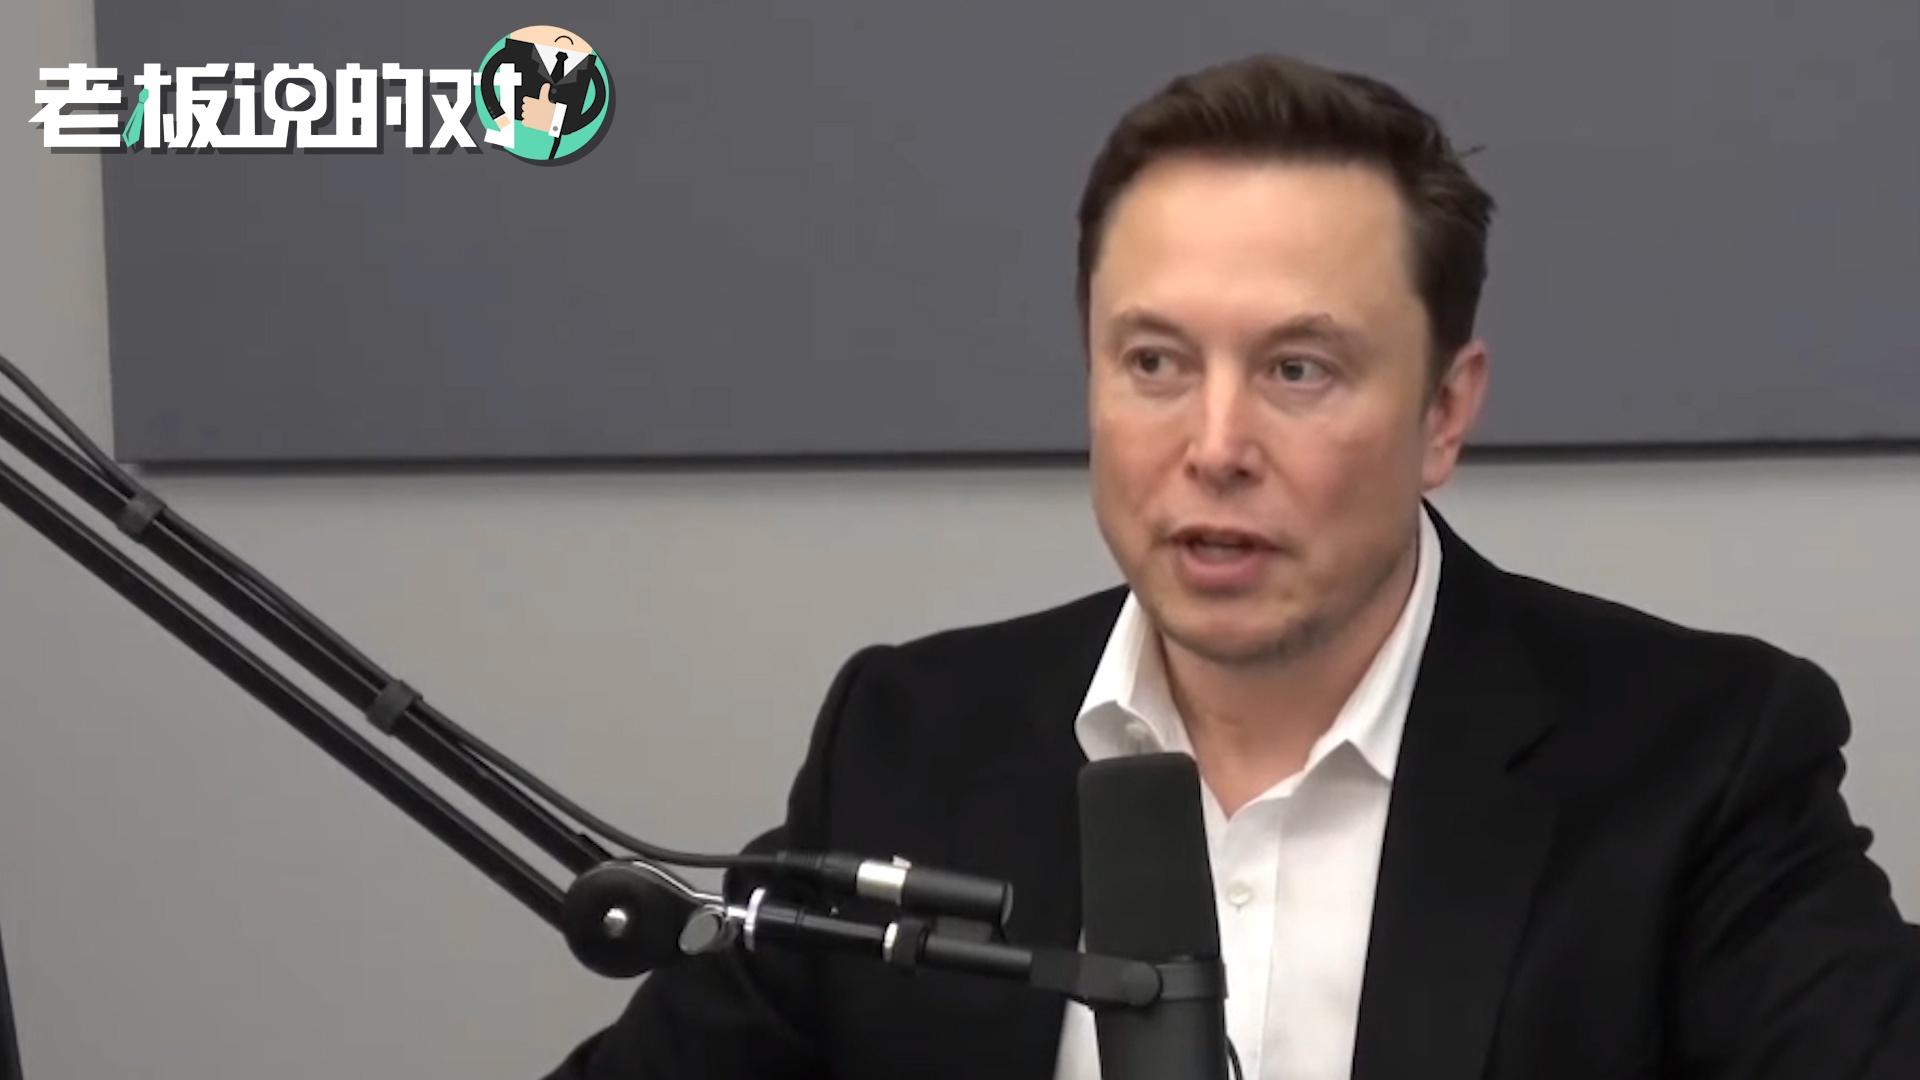 马斯克:人类不可能胜过超级计算机!如果打败不了,那就加入他们